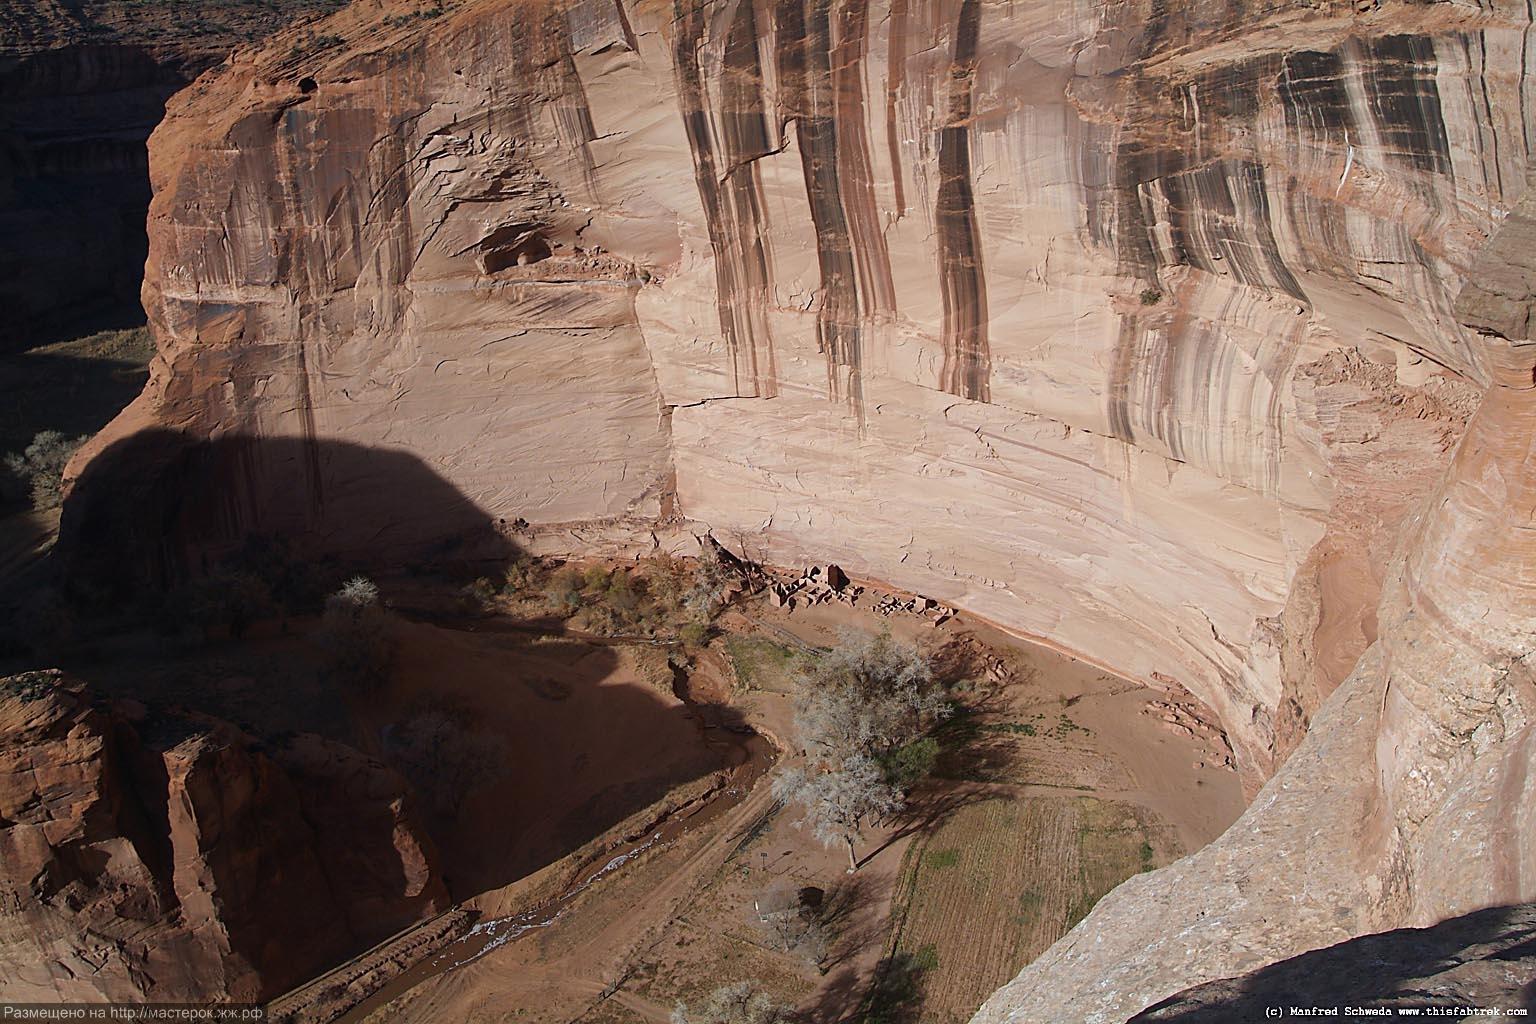 Chelly Canyon, Anasazi settlement.